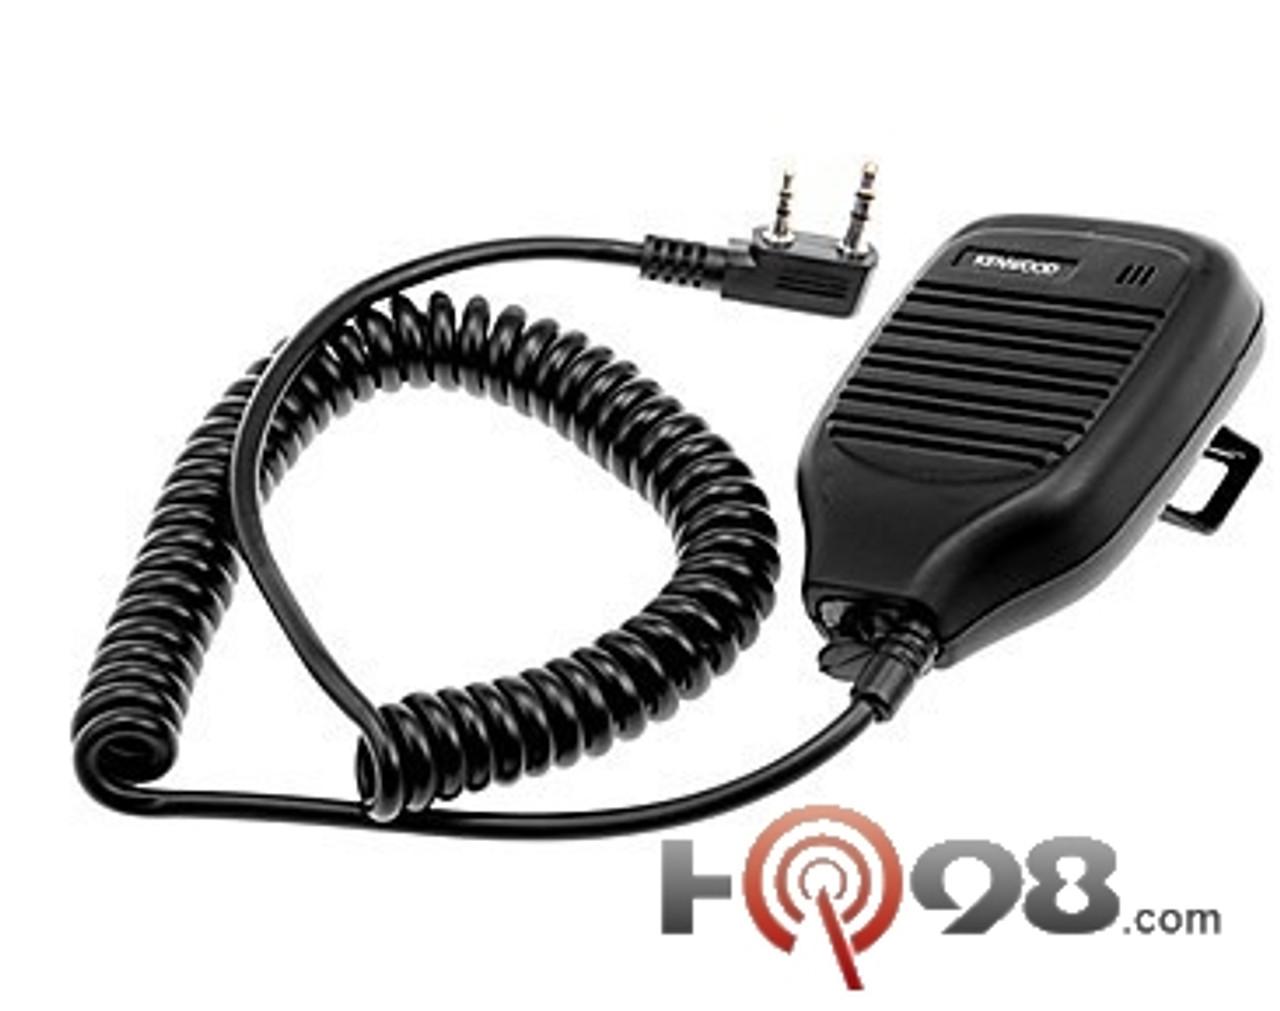 KENWOOD  KMC 21  SPEAKER MICROPHONE